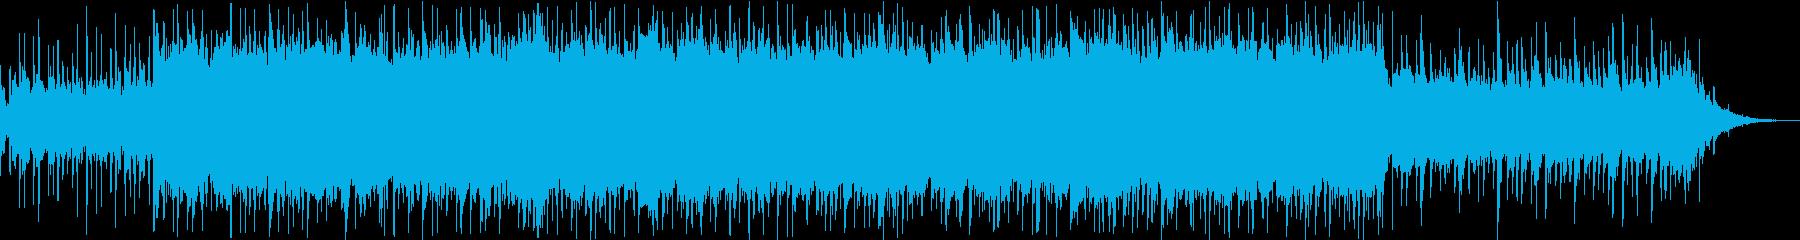 柔らかい雰囲気のテクノポップ(ver2)の再生済みの波形